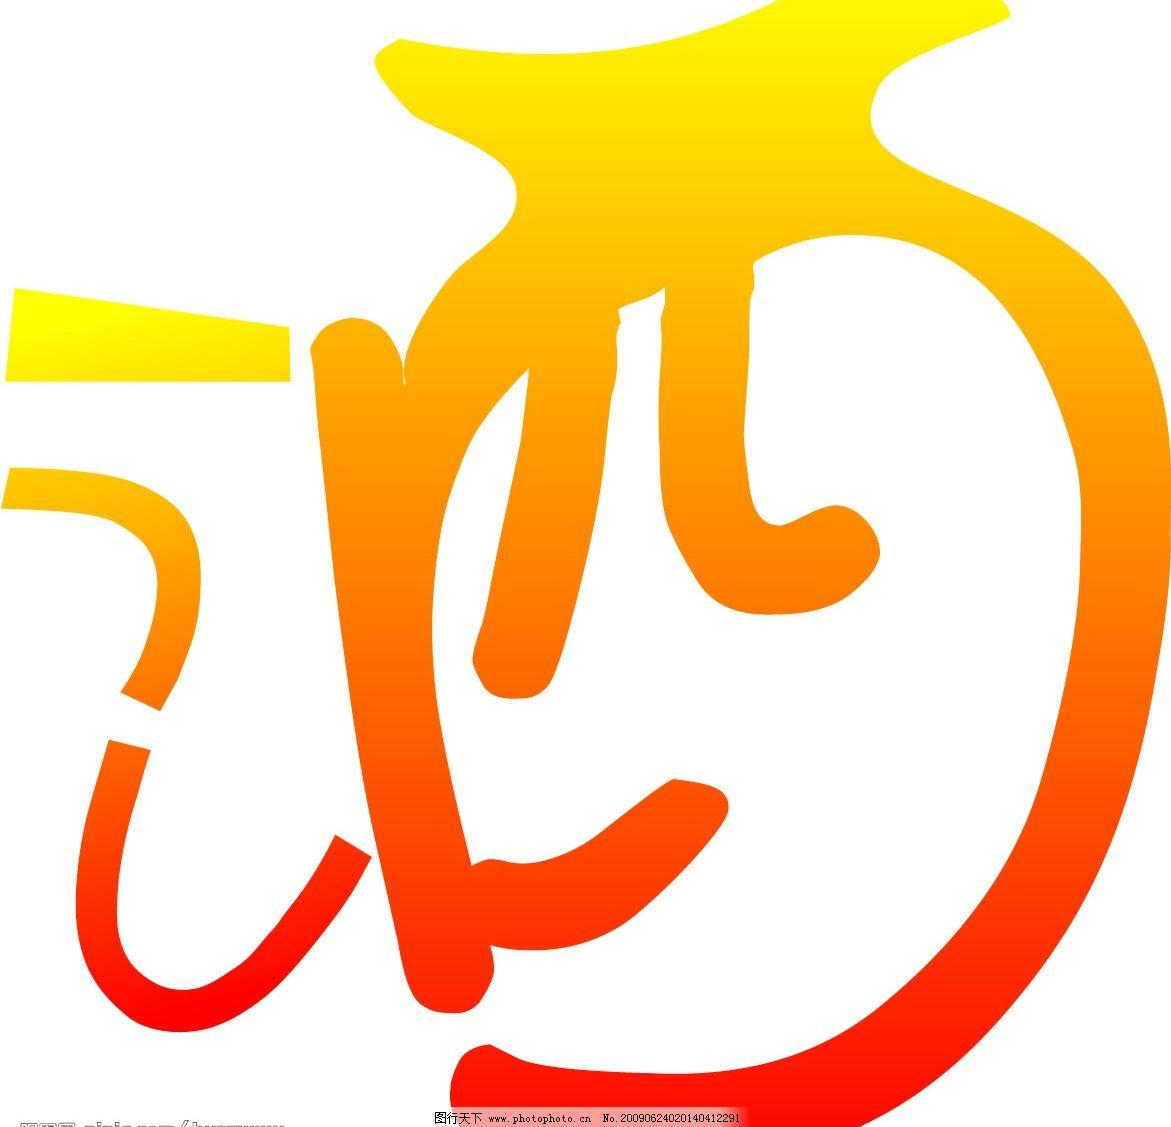 logo logo 标志 设计 矢量 矢量图 素材 图标 1171_1127